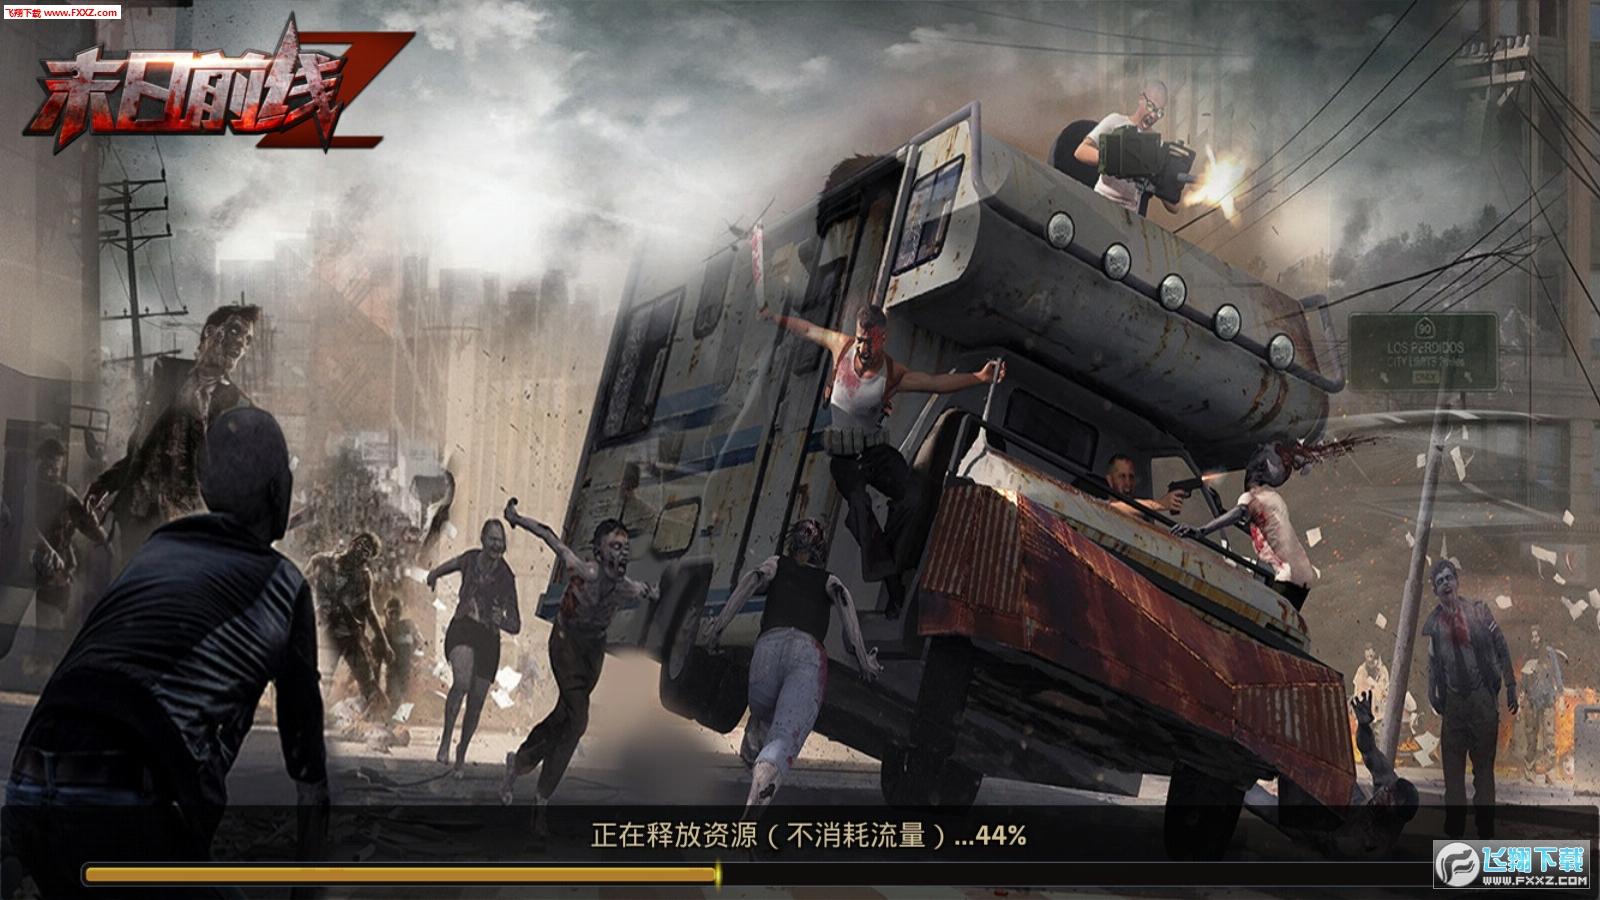 末日前线生存战场官方游戏v1.2截图0